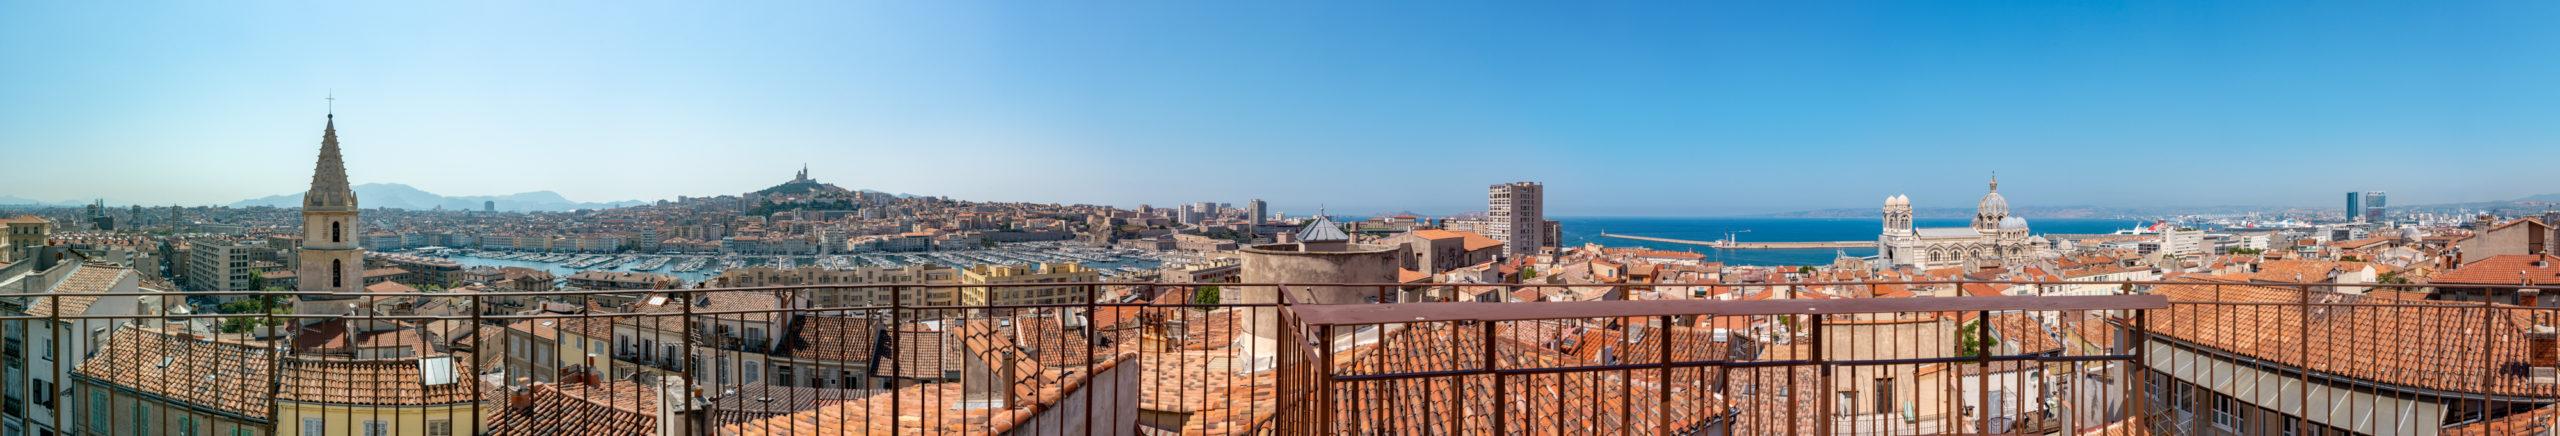 Panoramique 360 des toits de Marseille. © Stéphane Chassignole 2020